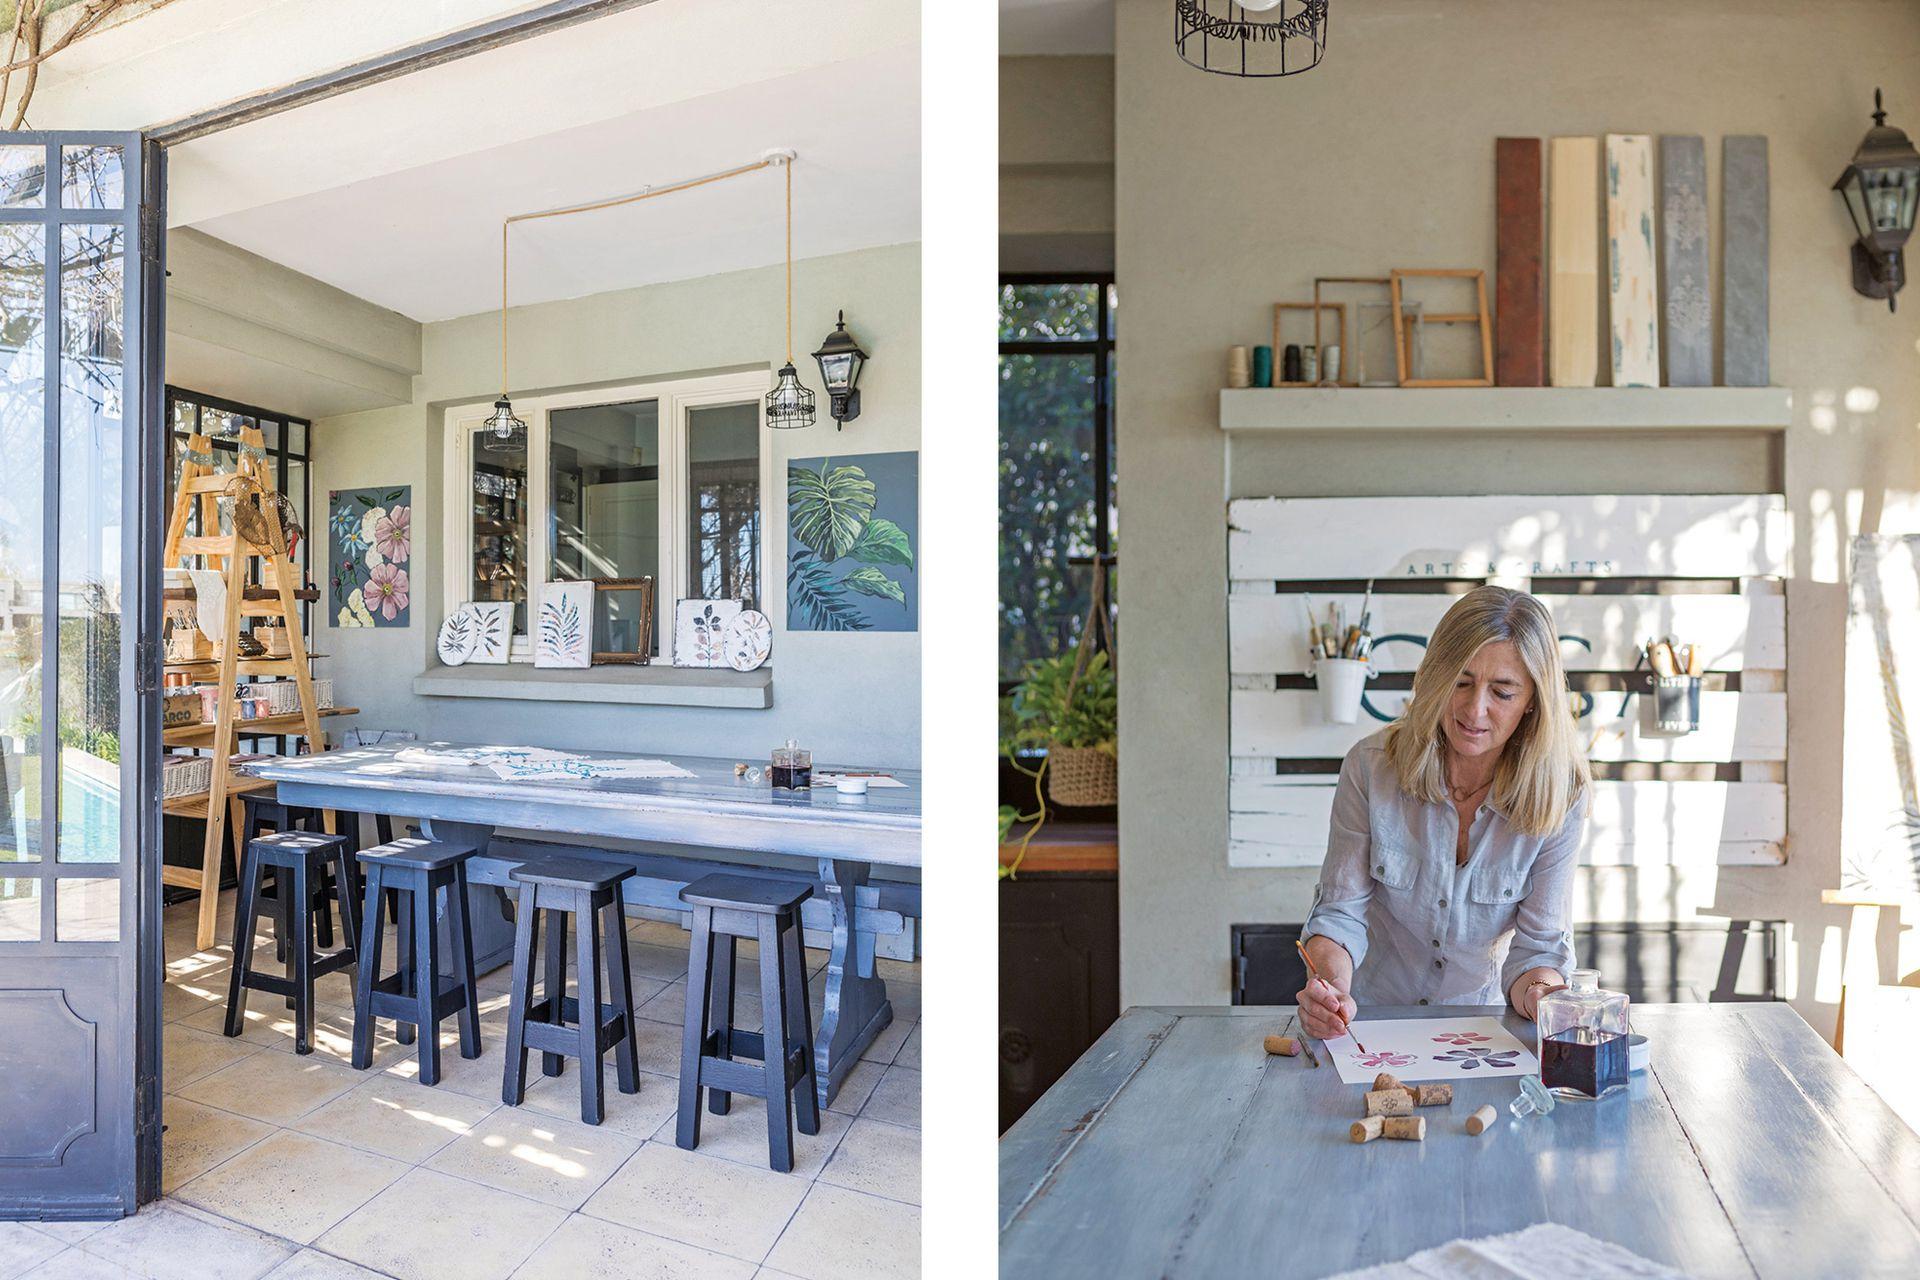 Alejandra equipó su taller con mesa y bancos pintados, y una estantería hecha por ella con escalera de pinturería y postigos lijados.